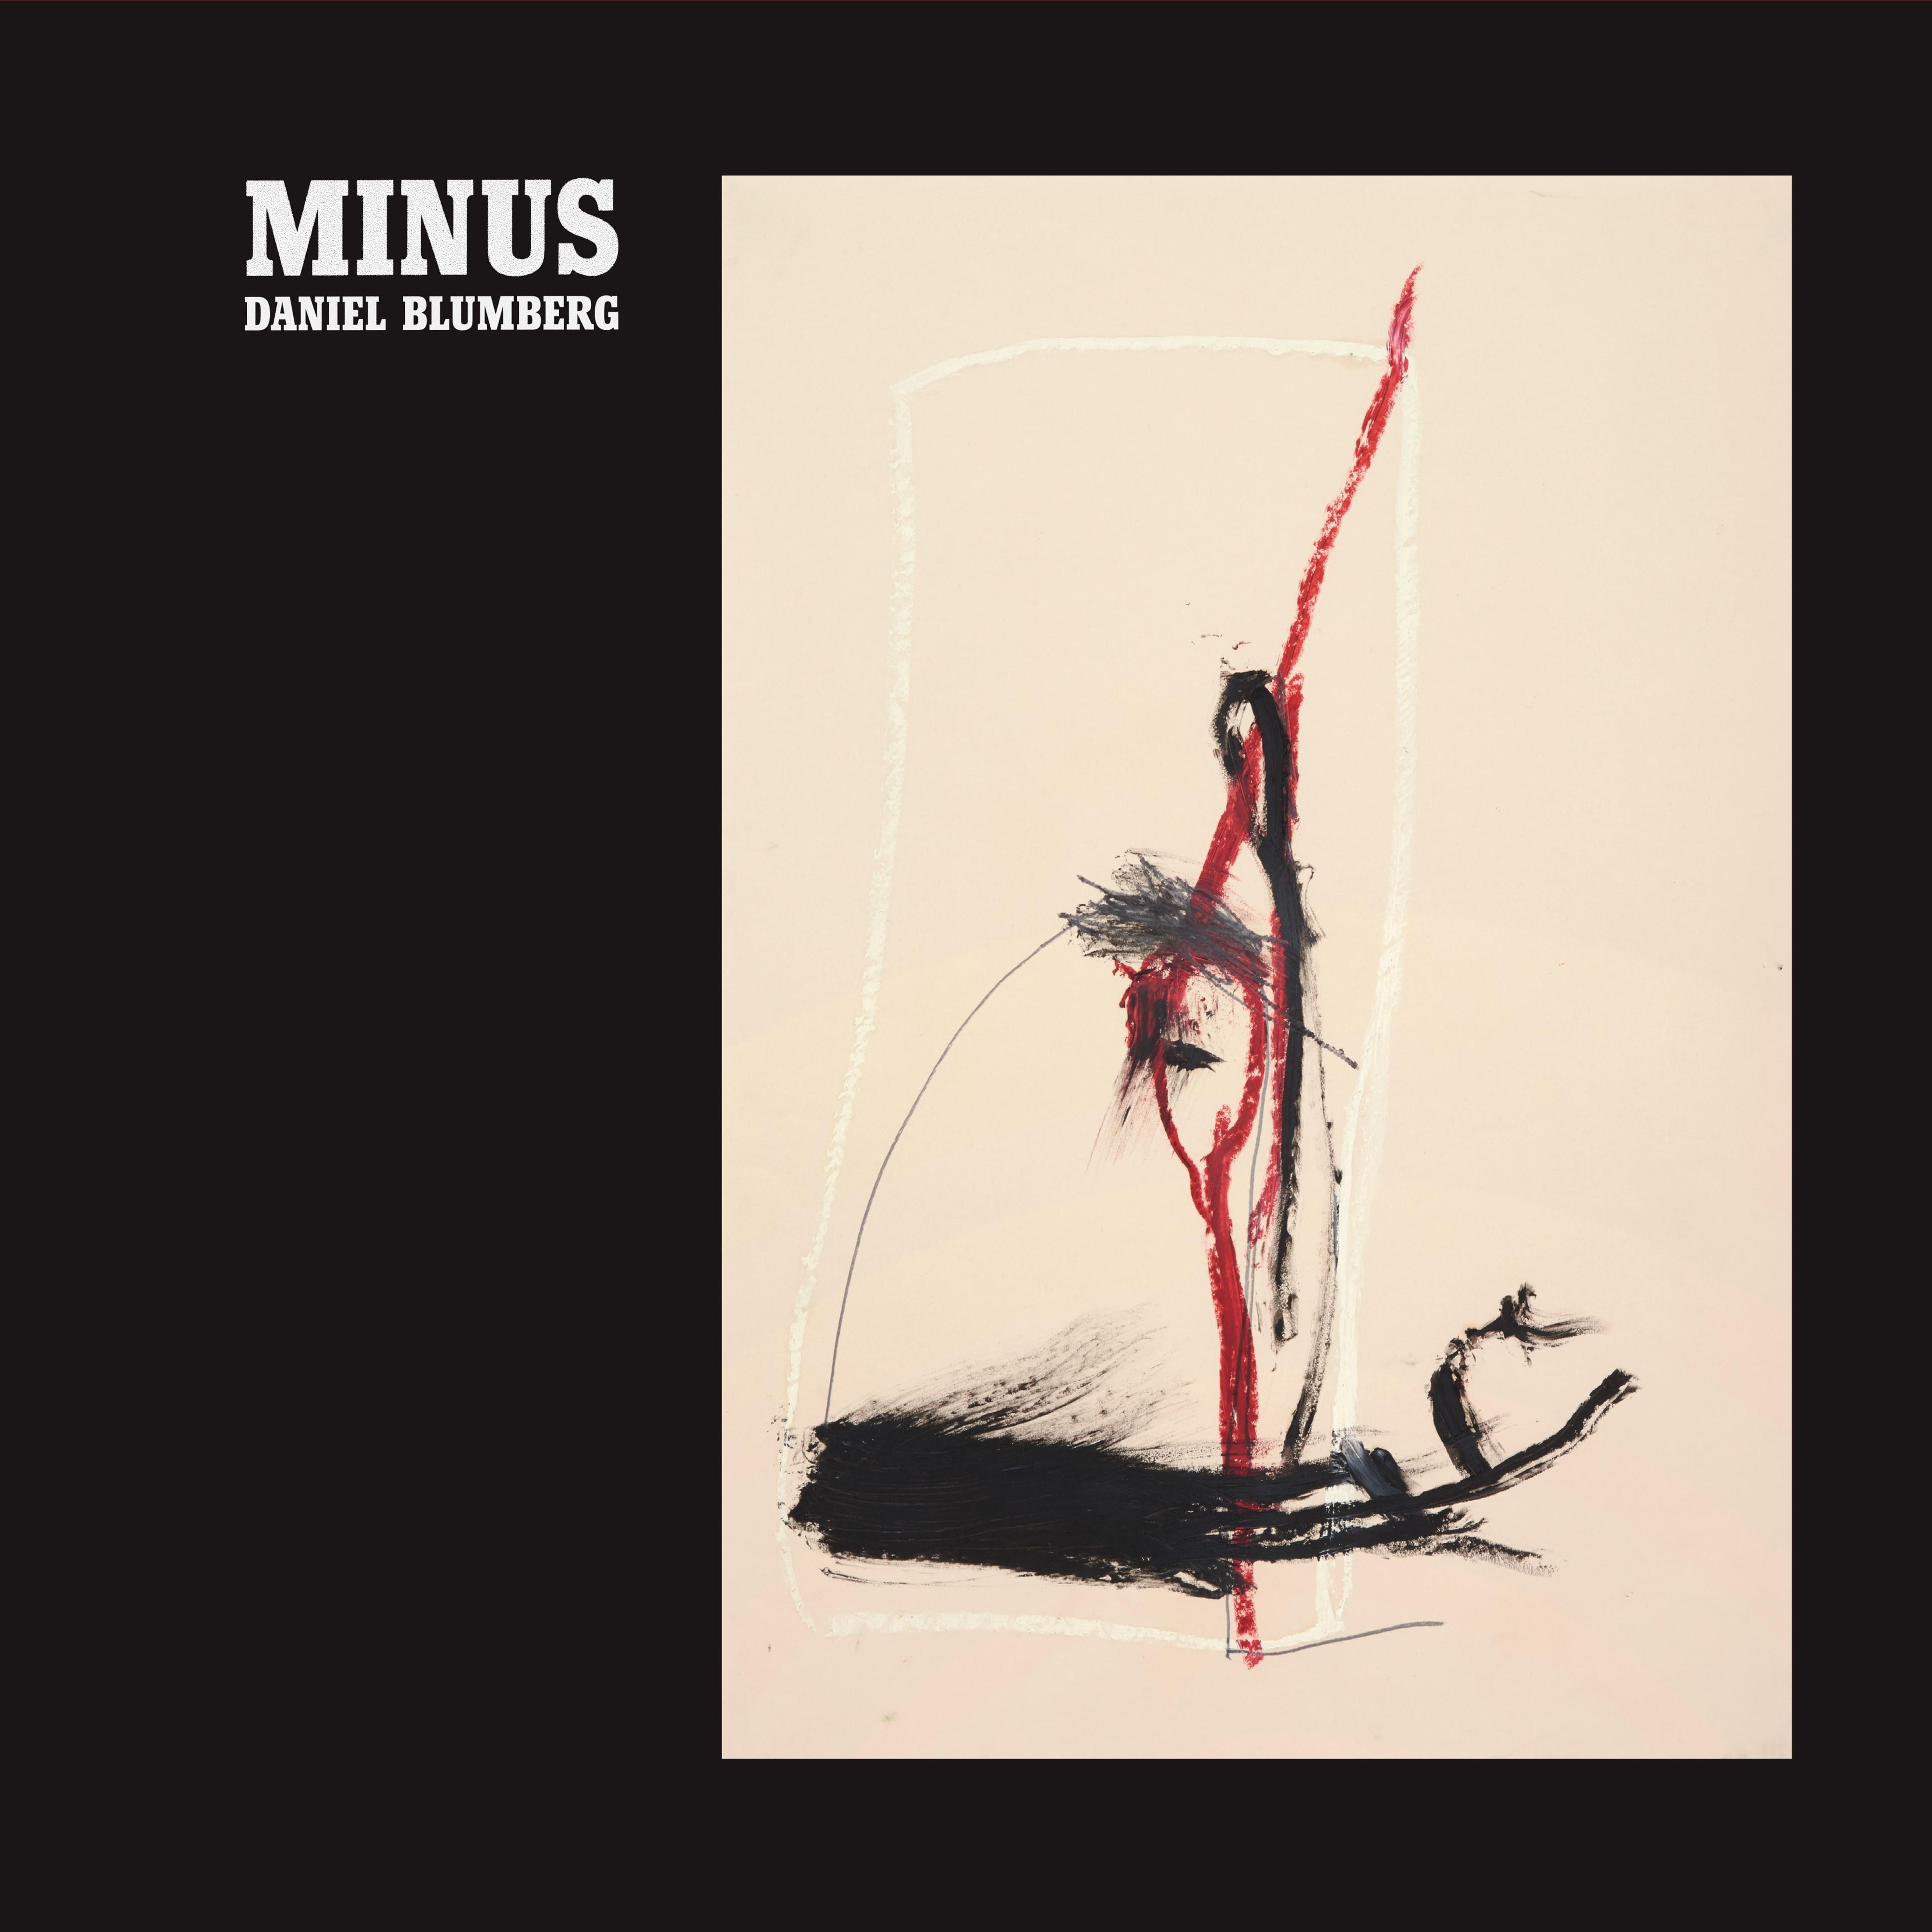 """Daniel Blumberg, """"Minus"""" – okładka płyty (źródło: materiały prasowe wytwórni)"""